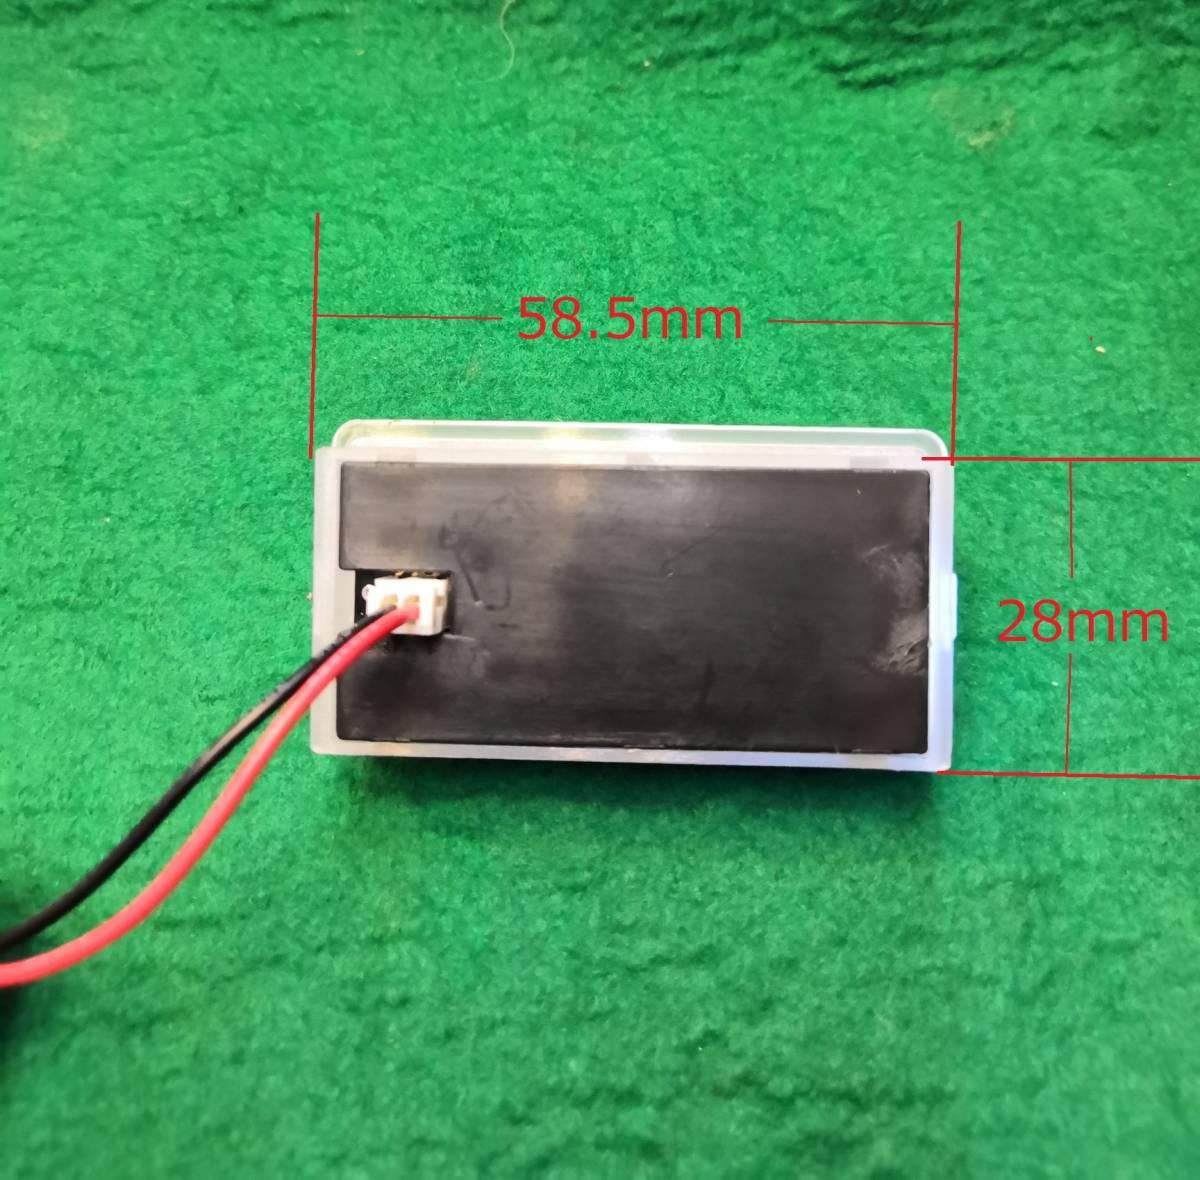 バッテリー容量電圧計温度も表示容量%バー表示パネルはカラー液晶 キャンピングカー電源表示に最適です送料全国一律普通郵便120円_画像6